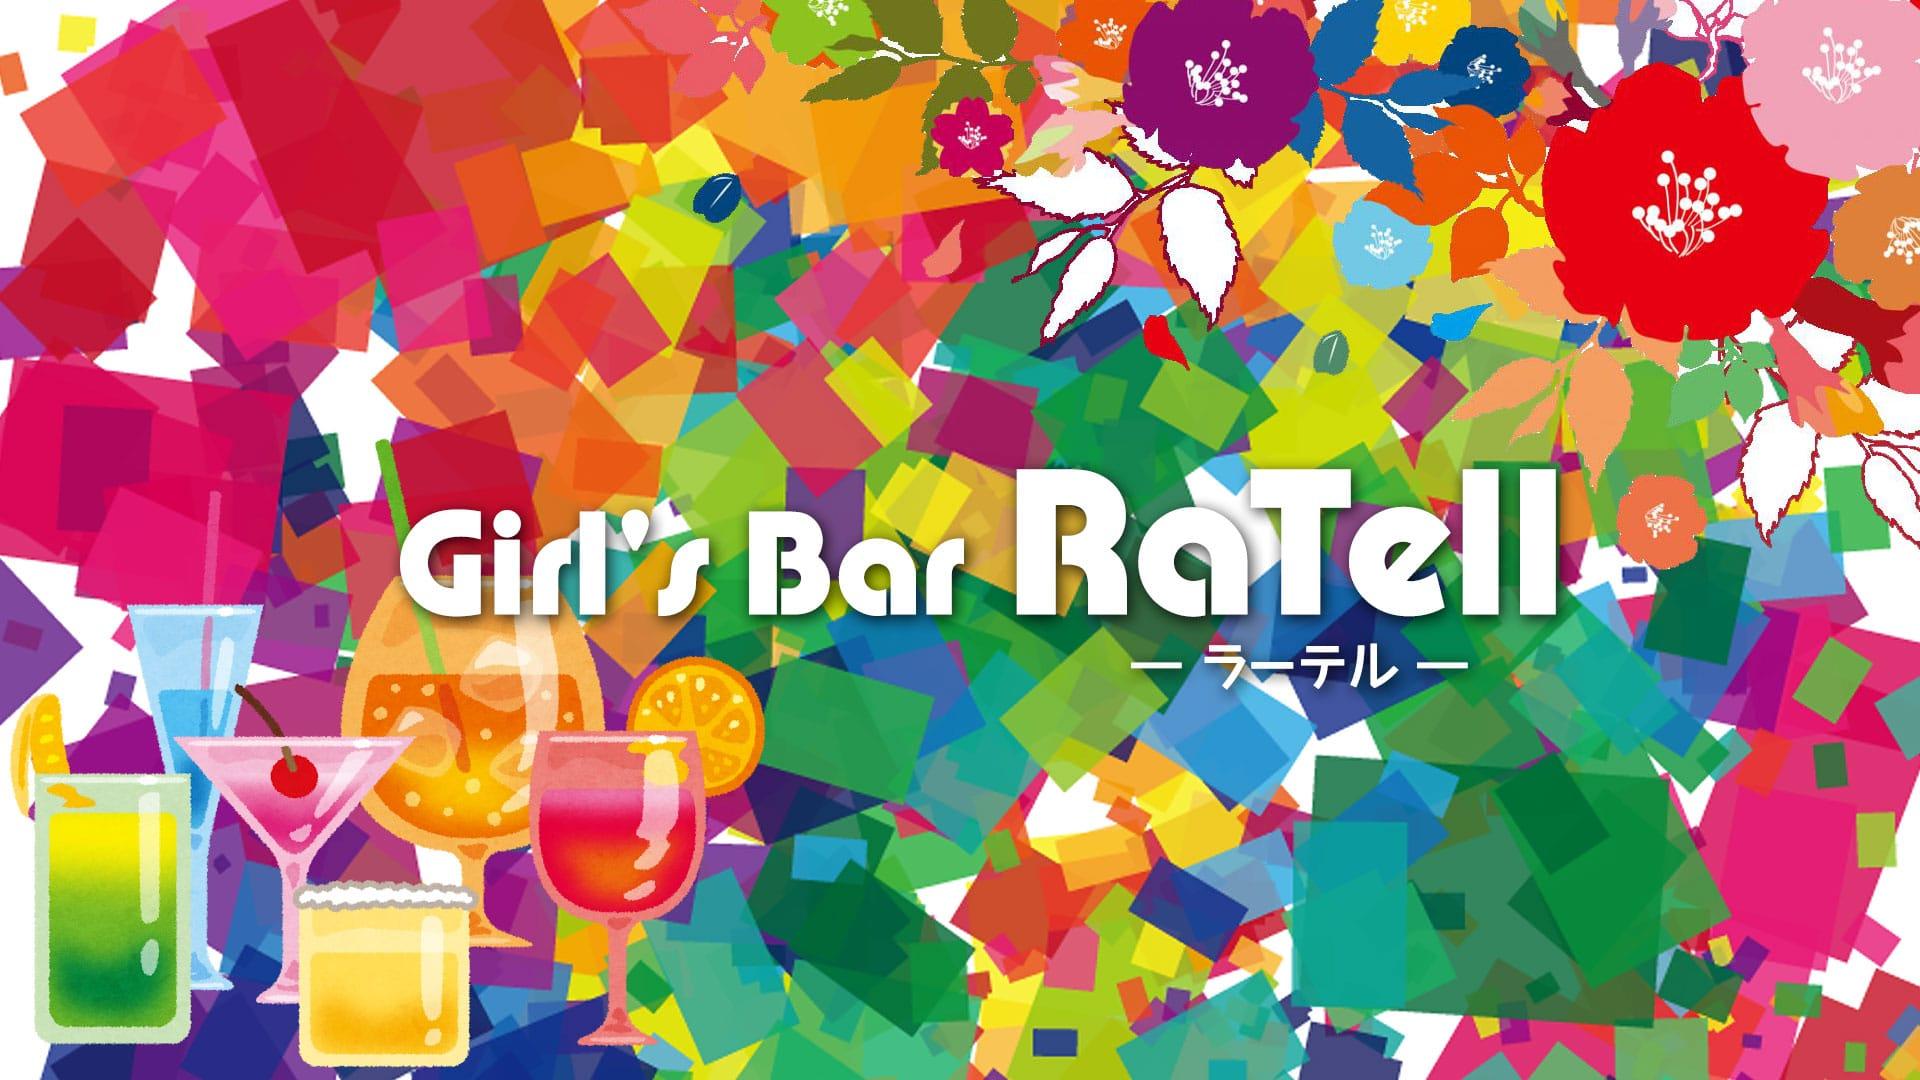 RaTell(ラーテル) 歌舞伎町ガールズバー TOP画像